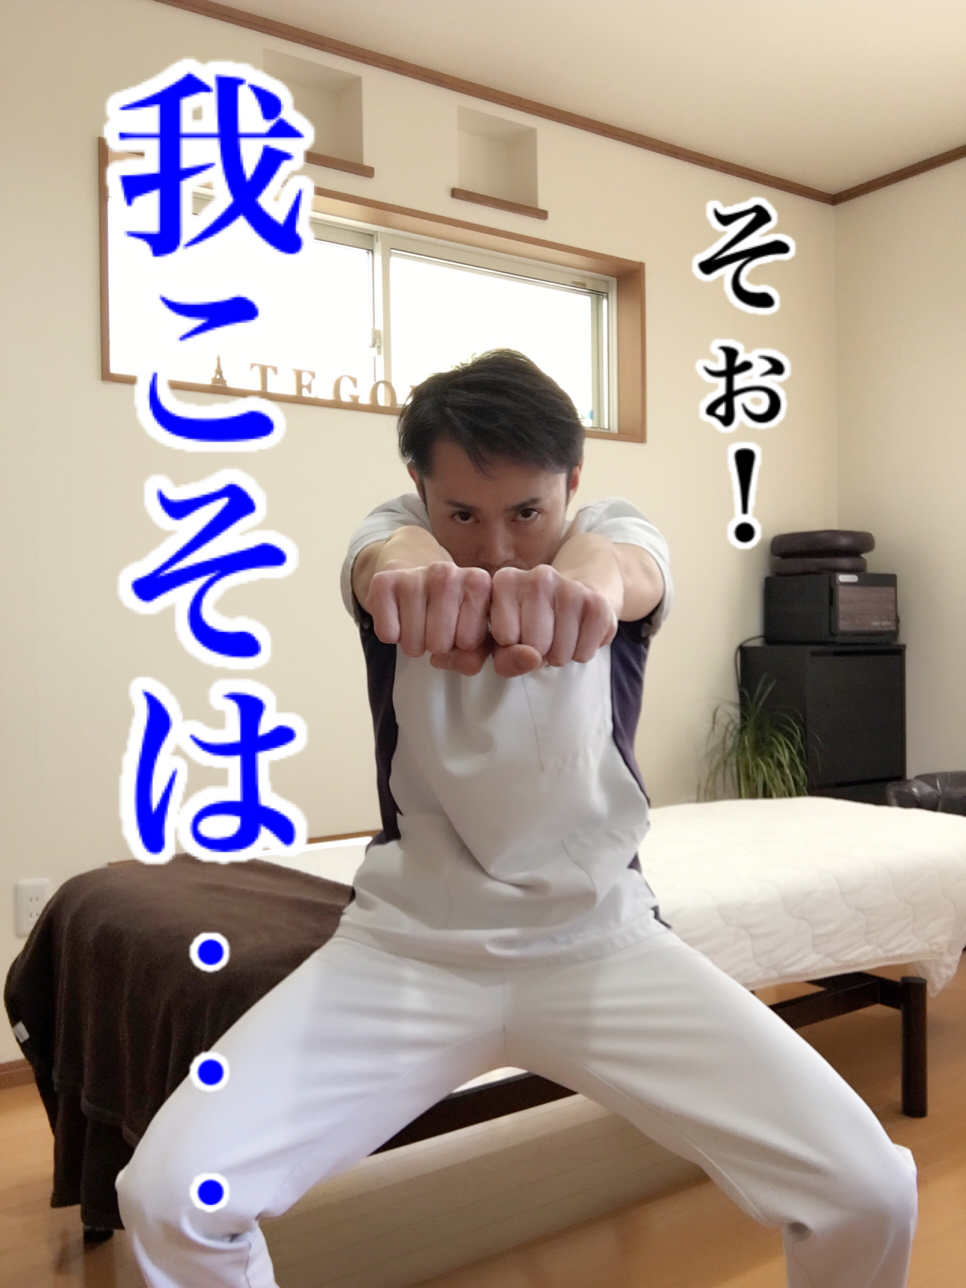 image1 (62)